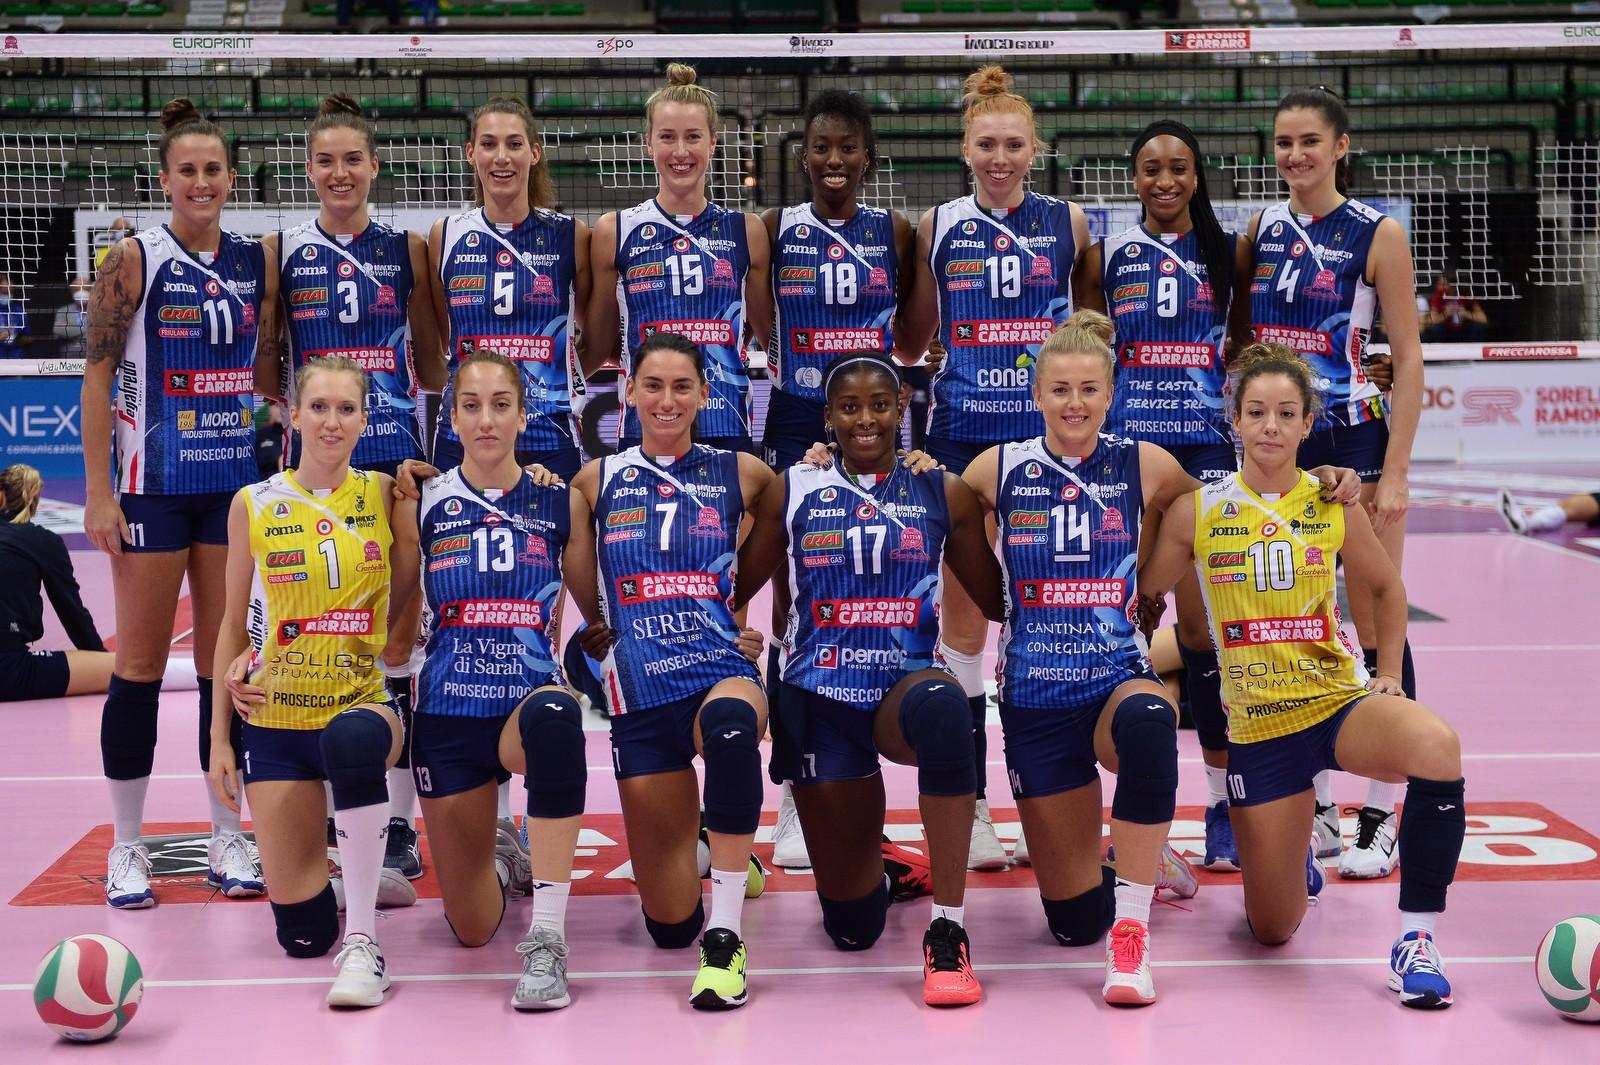 Imoco Volley Conegliano e La Linea Massetti: una squadra vincente!